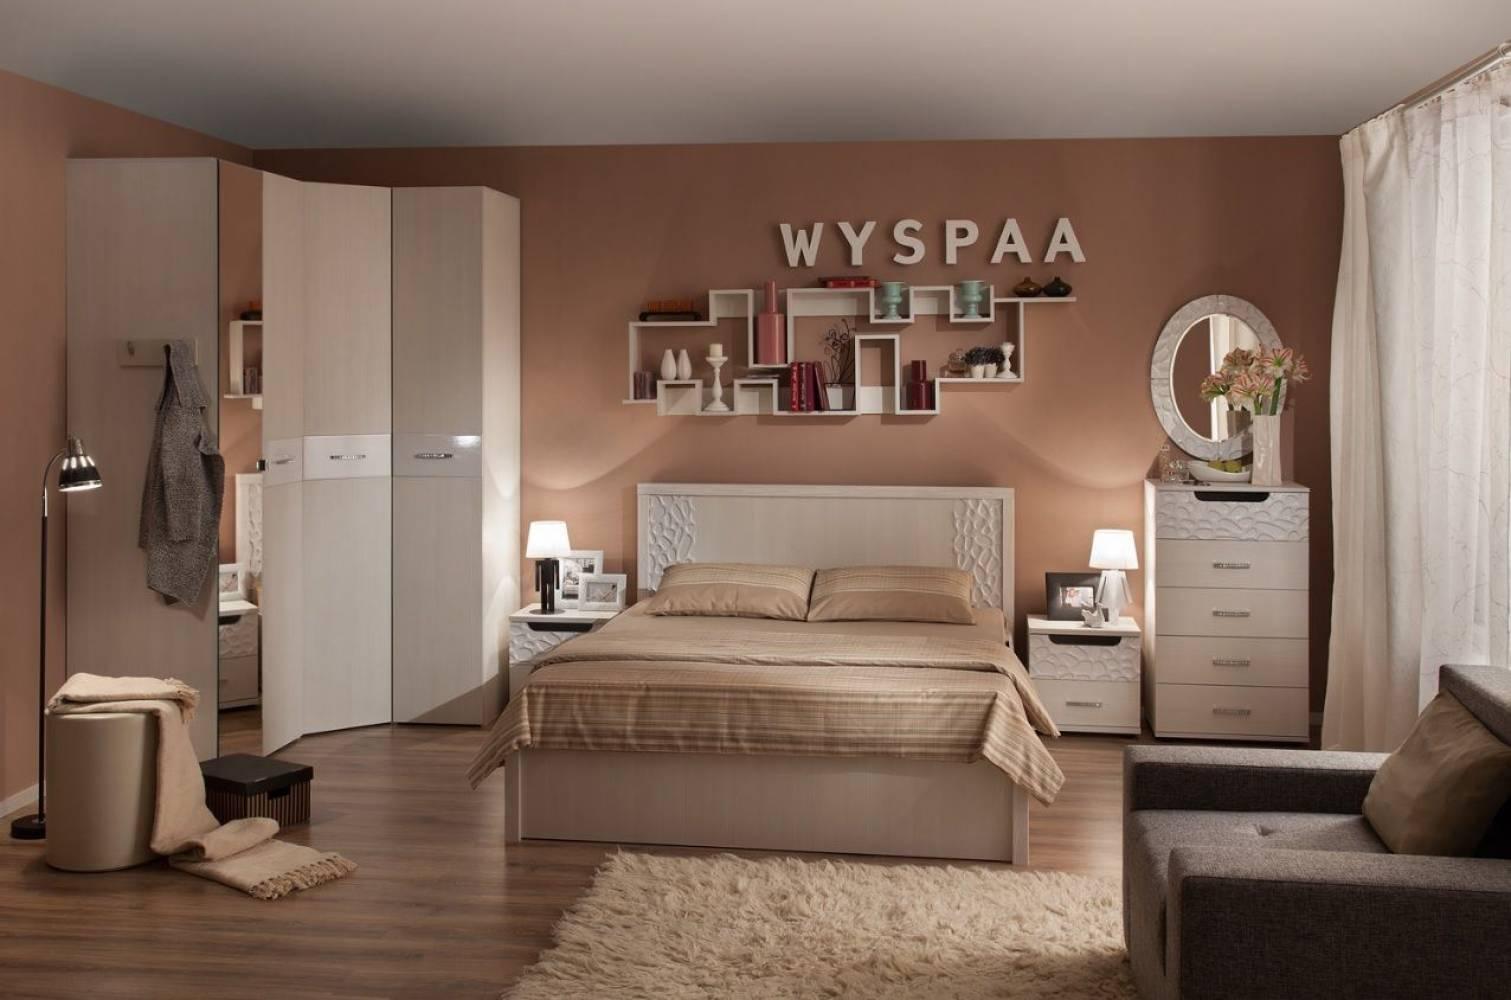 Спальня WYSPAA (Виспа), Бодега Светлый. Комплект 1